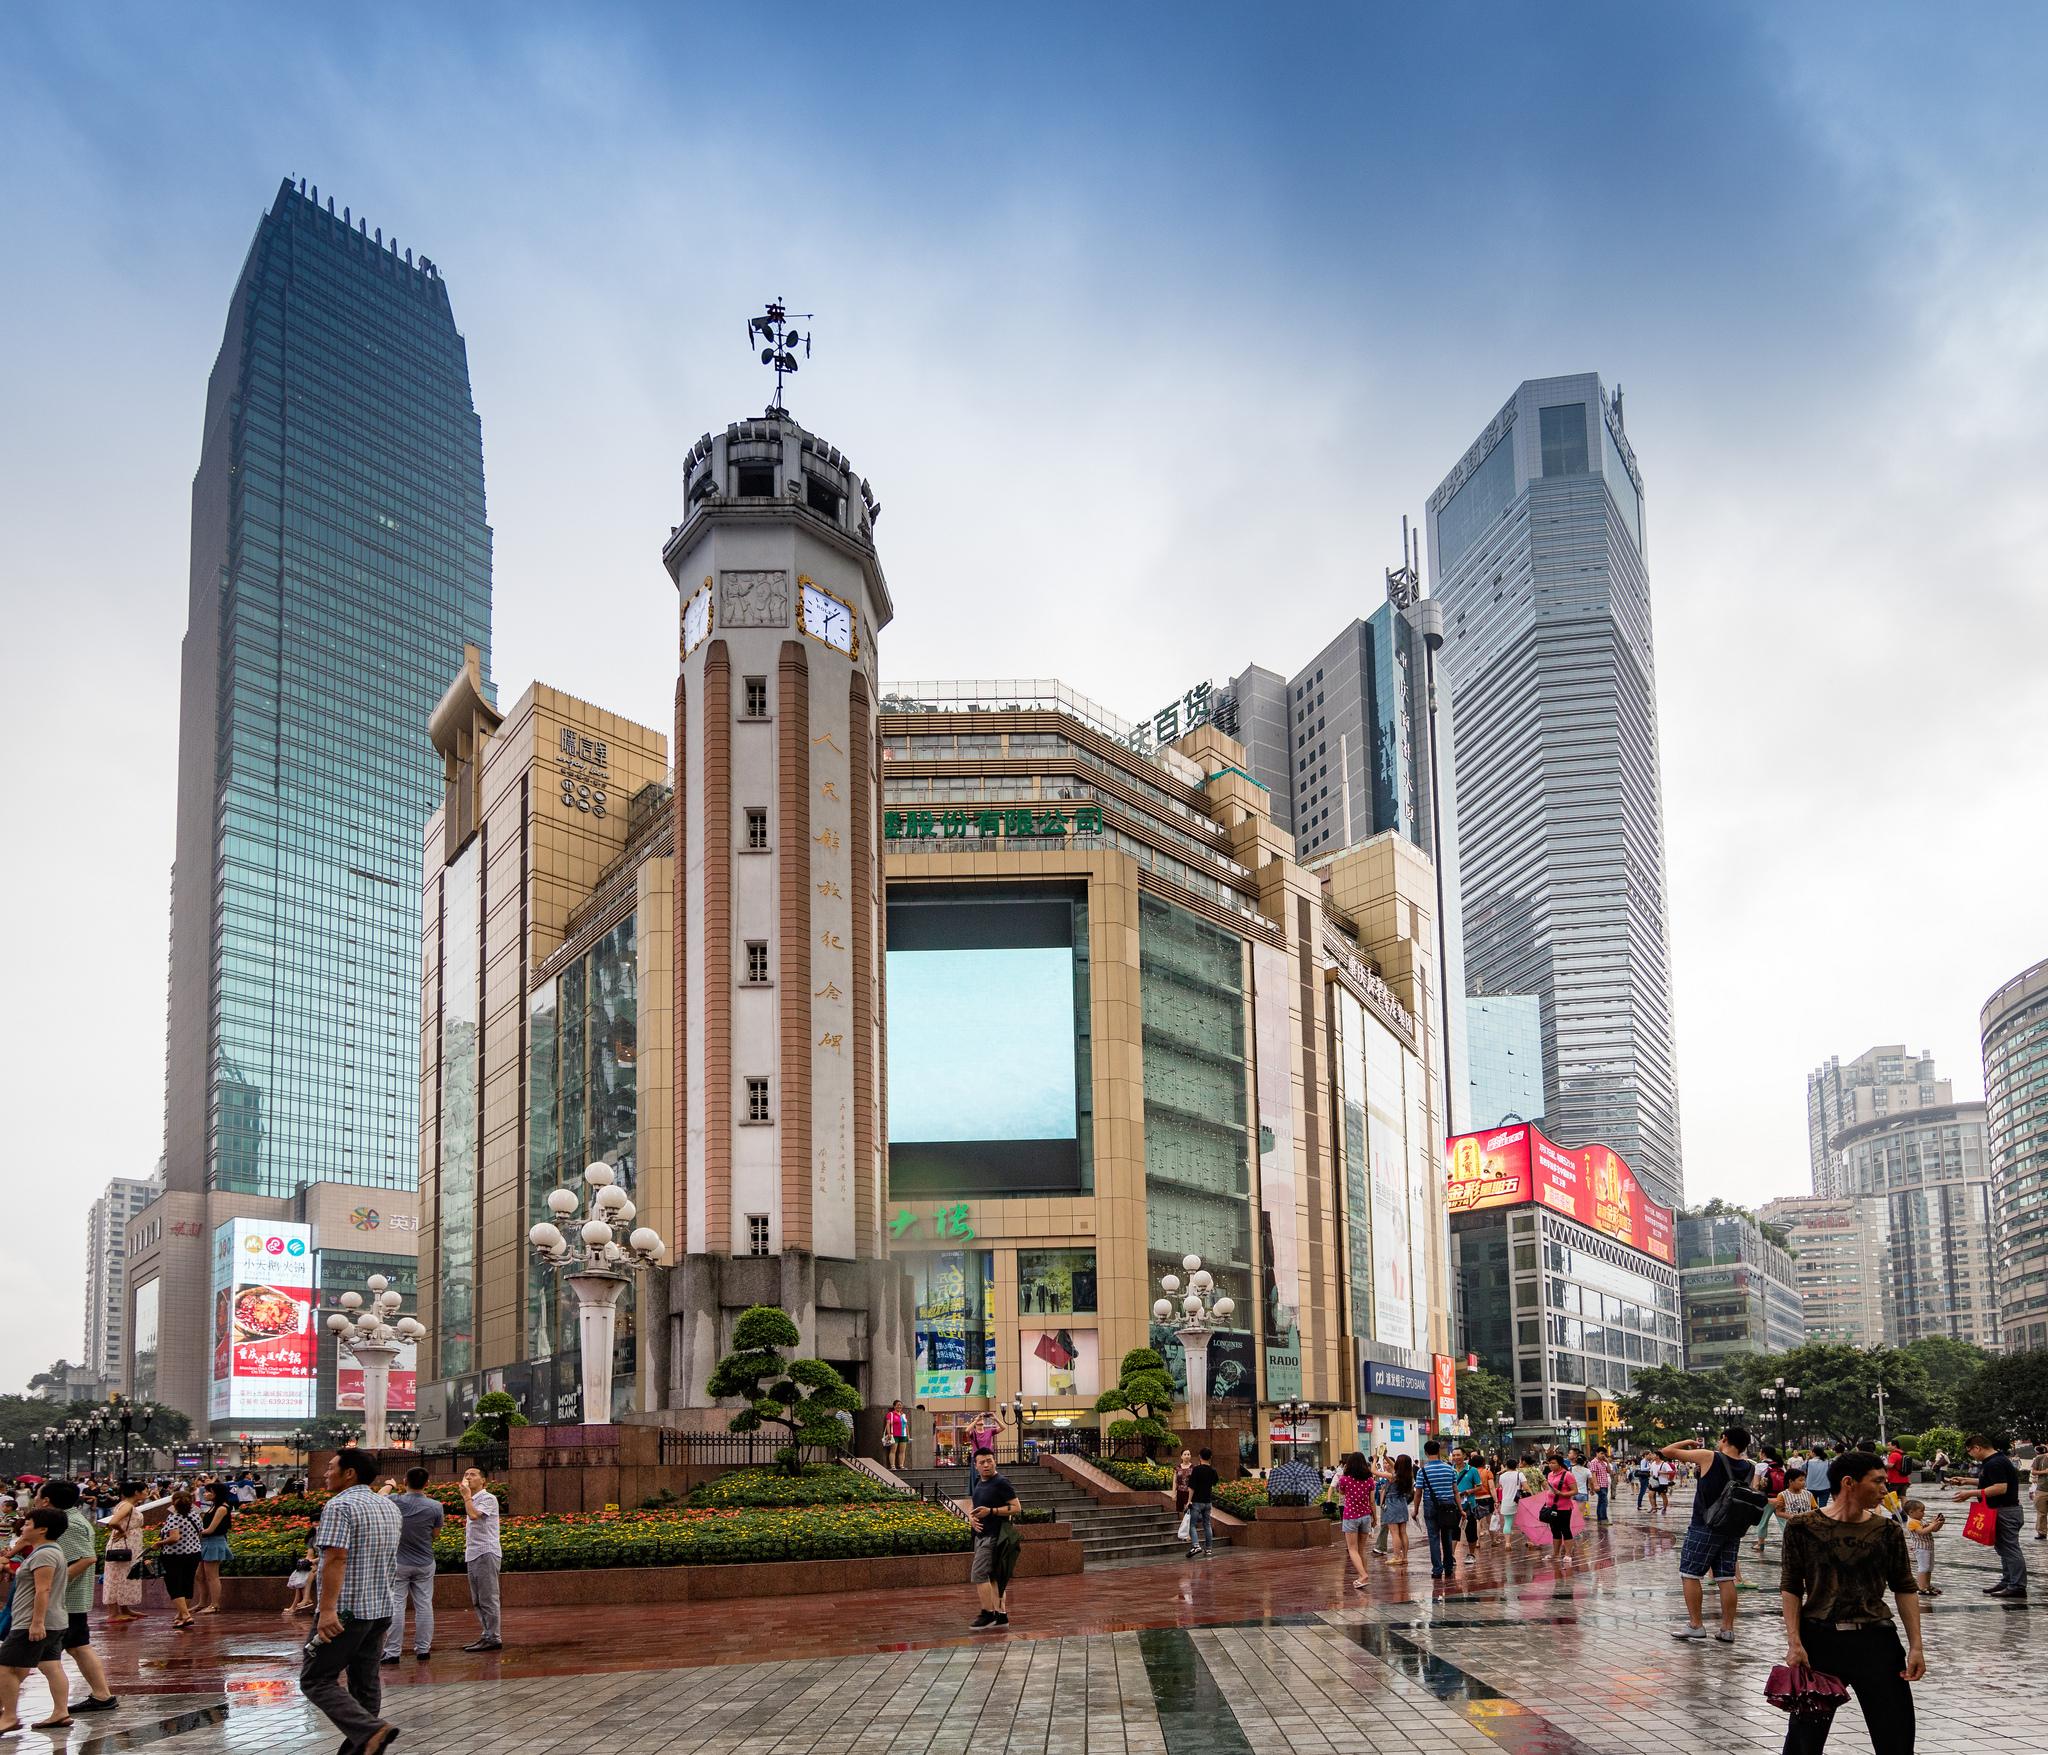 Chongqing Jiefangbei Pedestrian Street | © Thomas Bächinger/Flickr